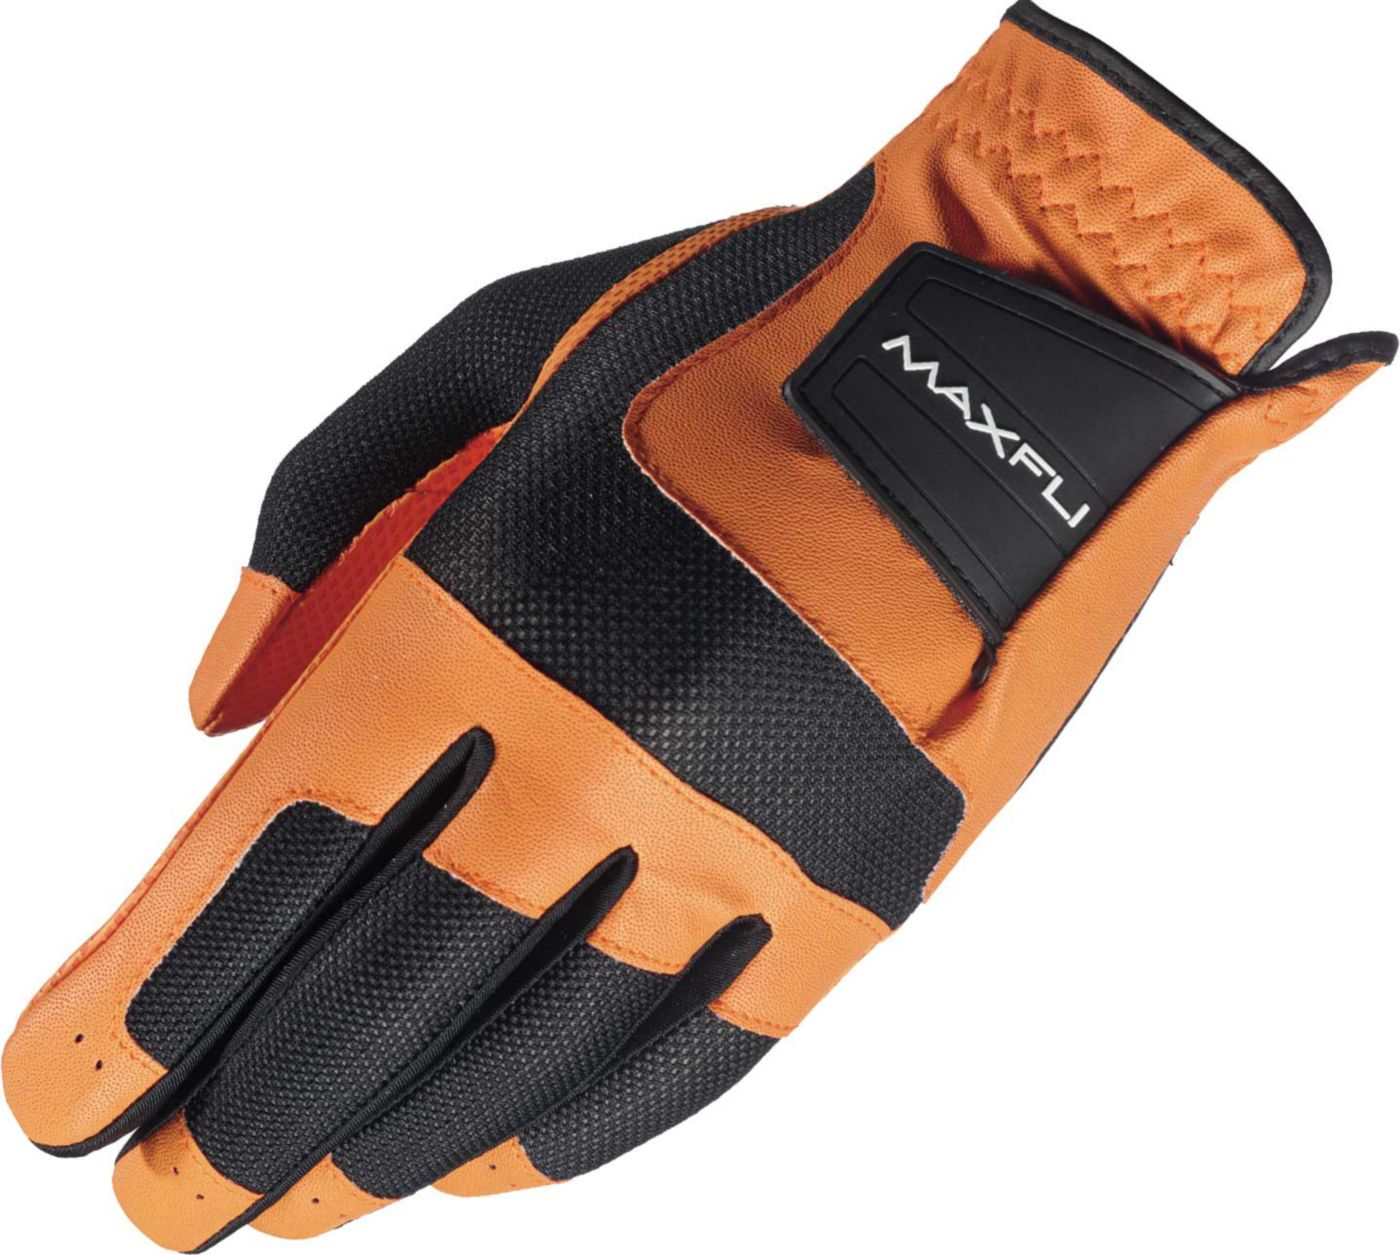 Maxfli One-Size Golf Glove